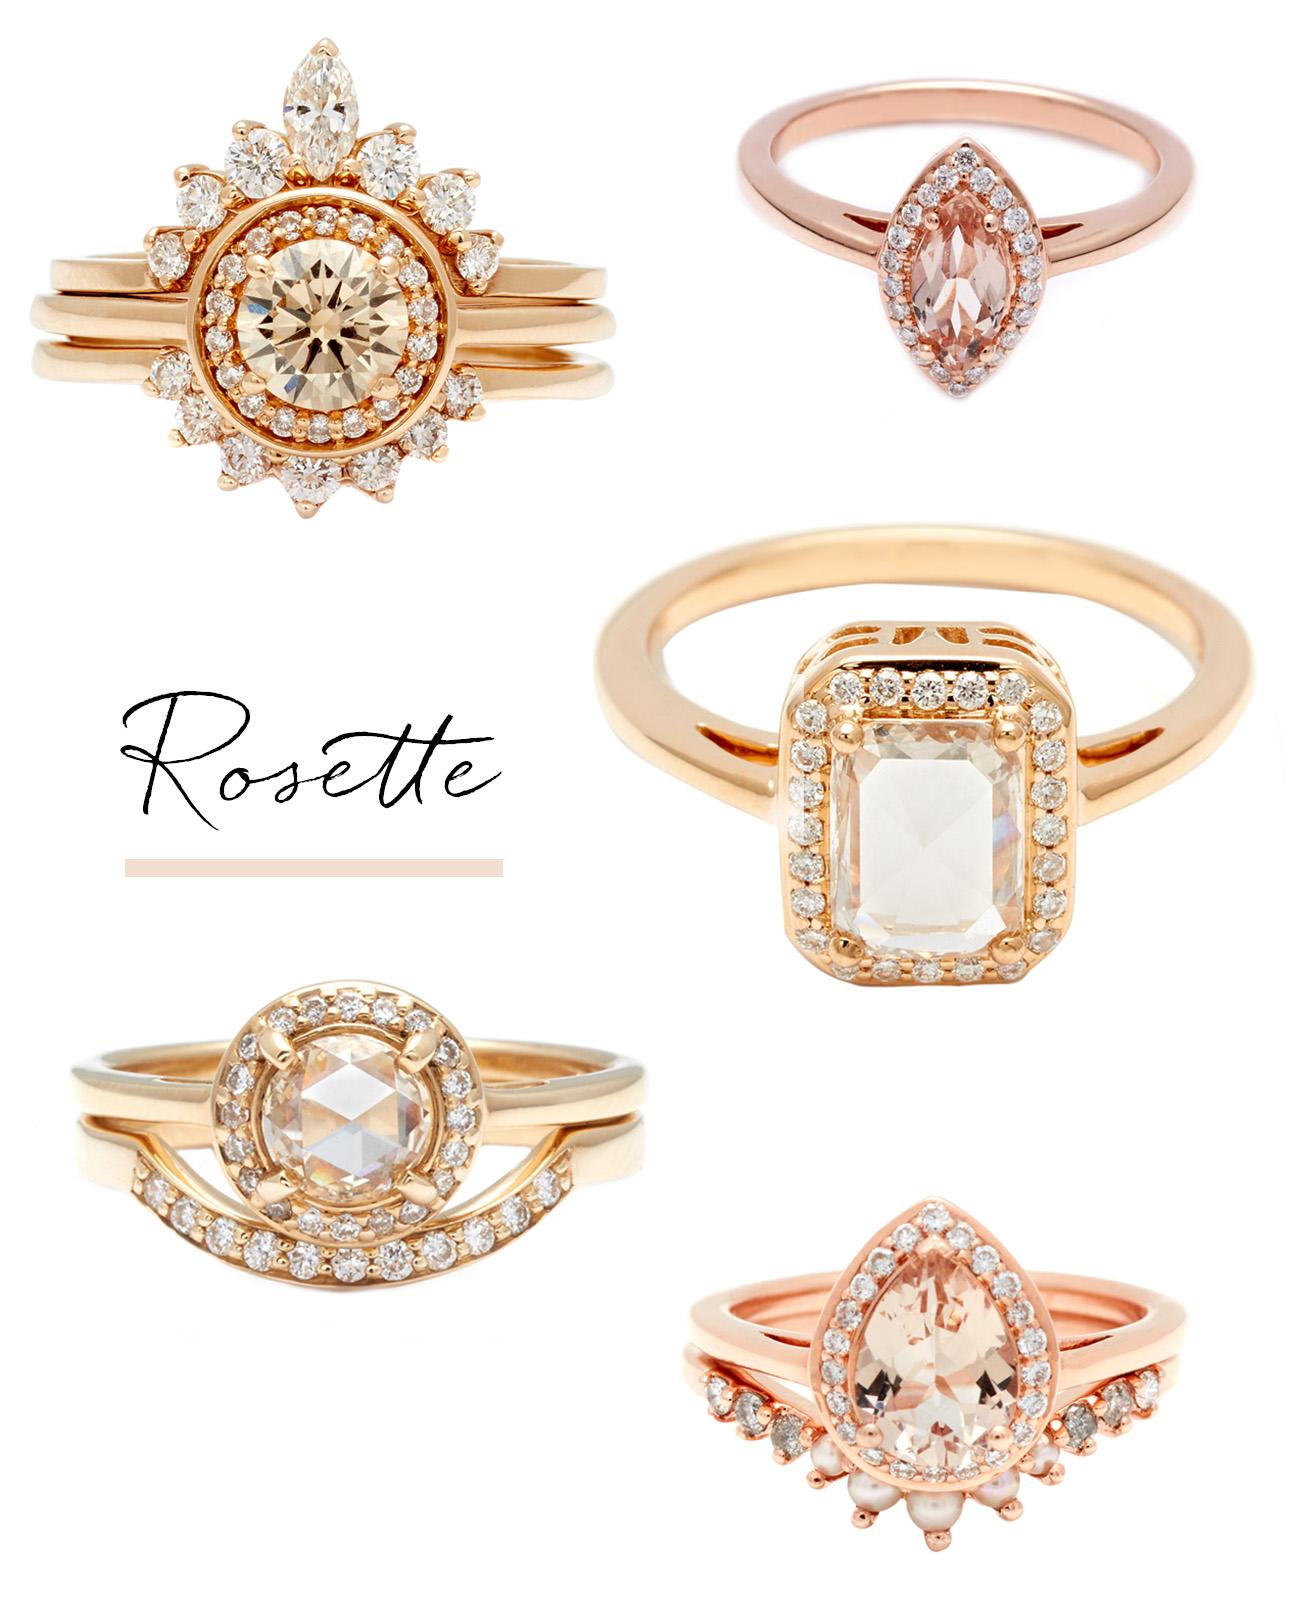 anna sheffield rosette engagement rings